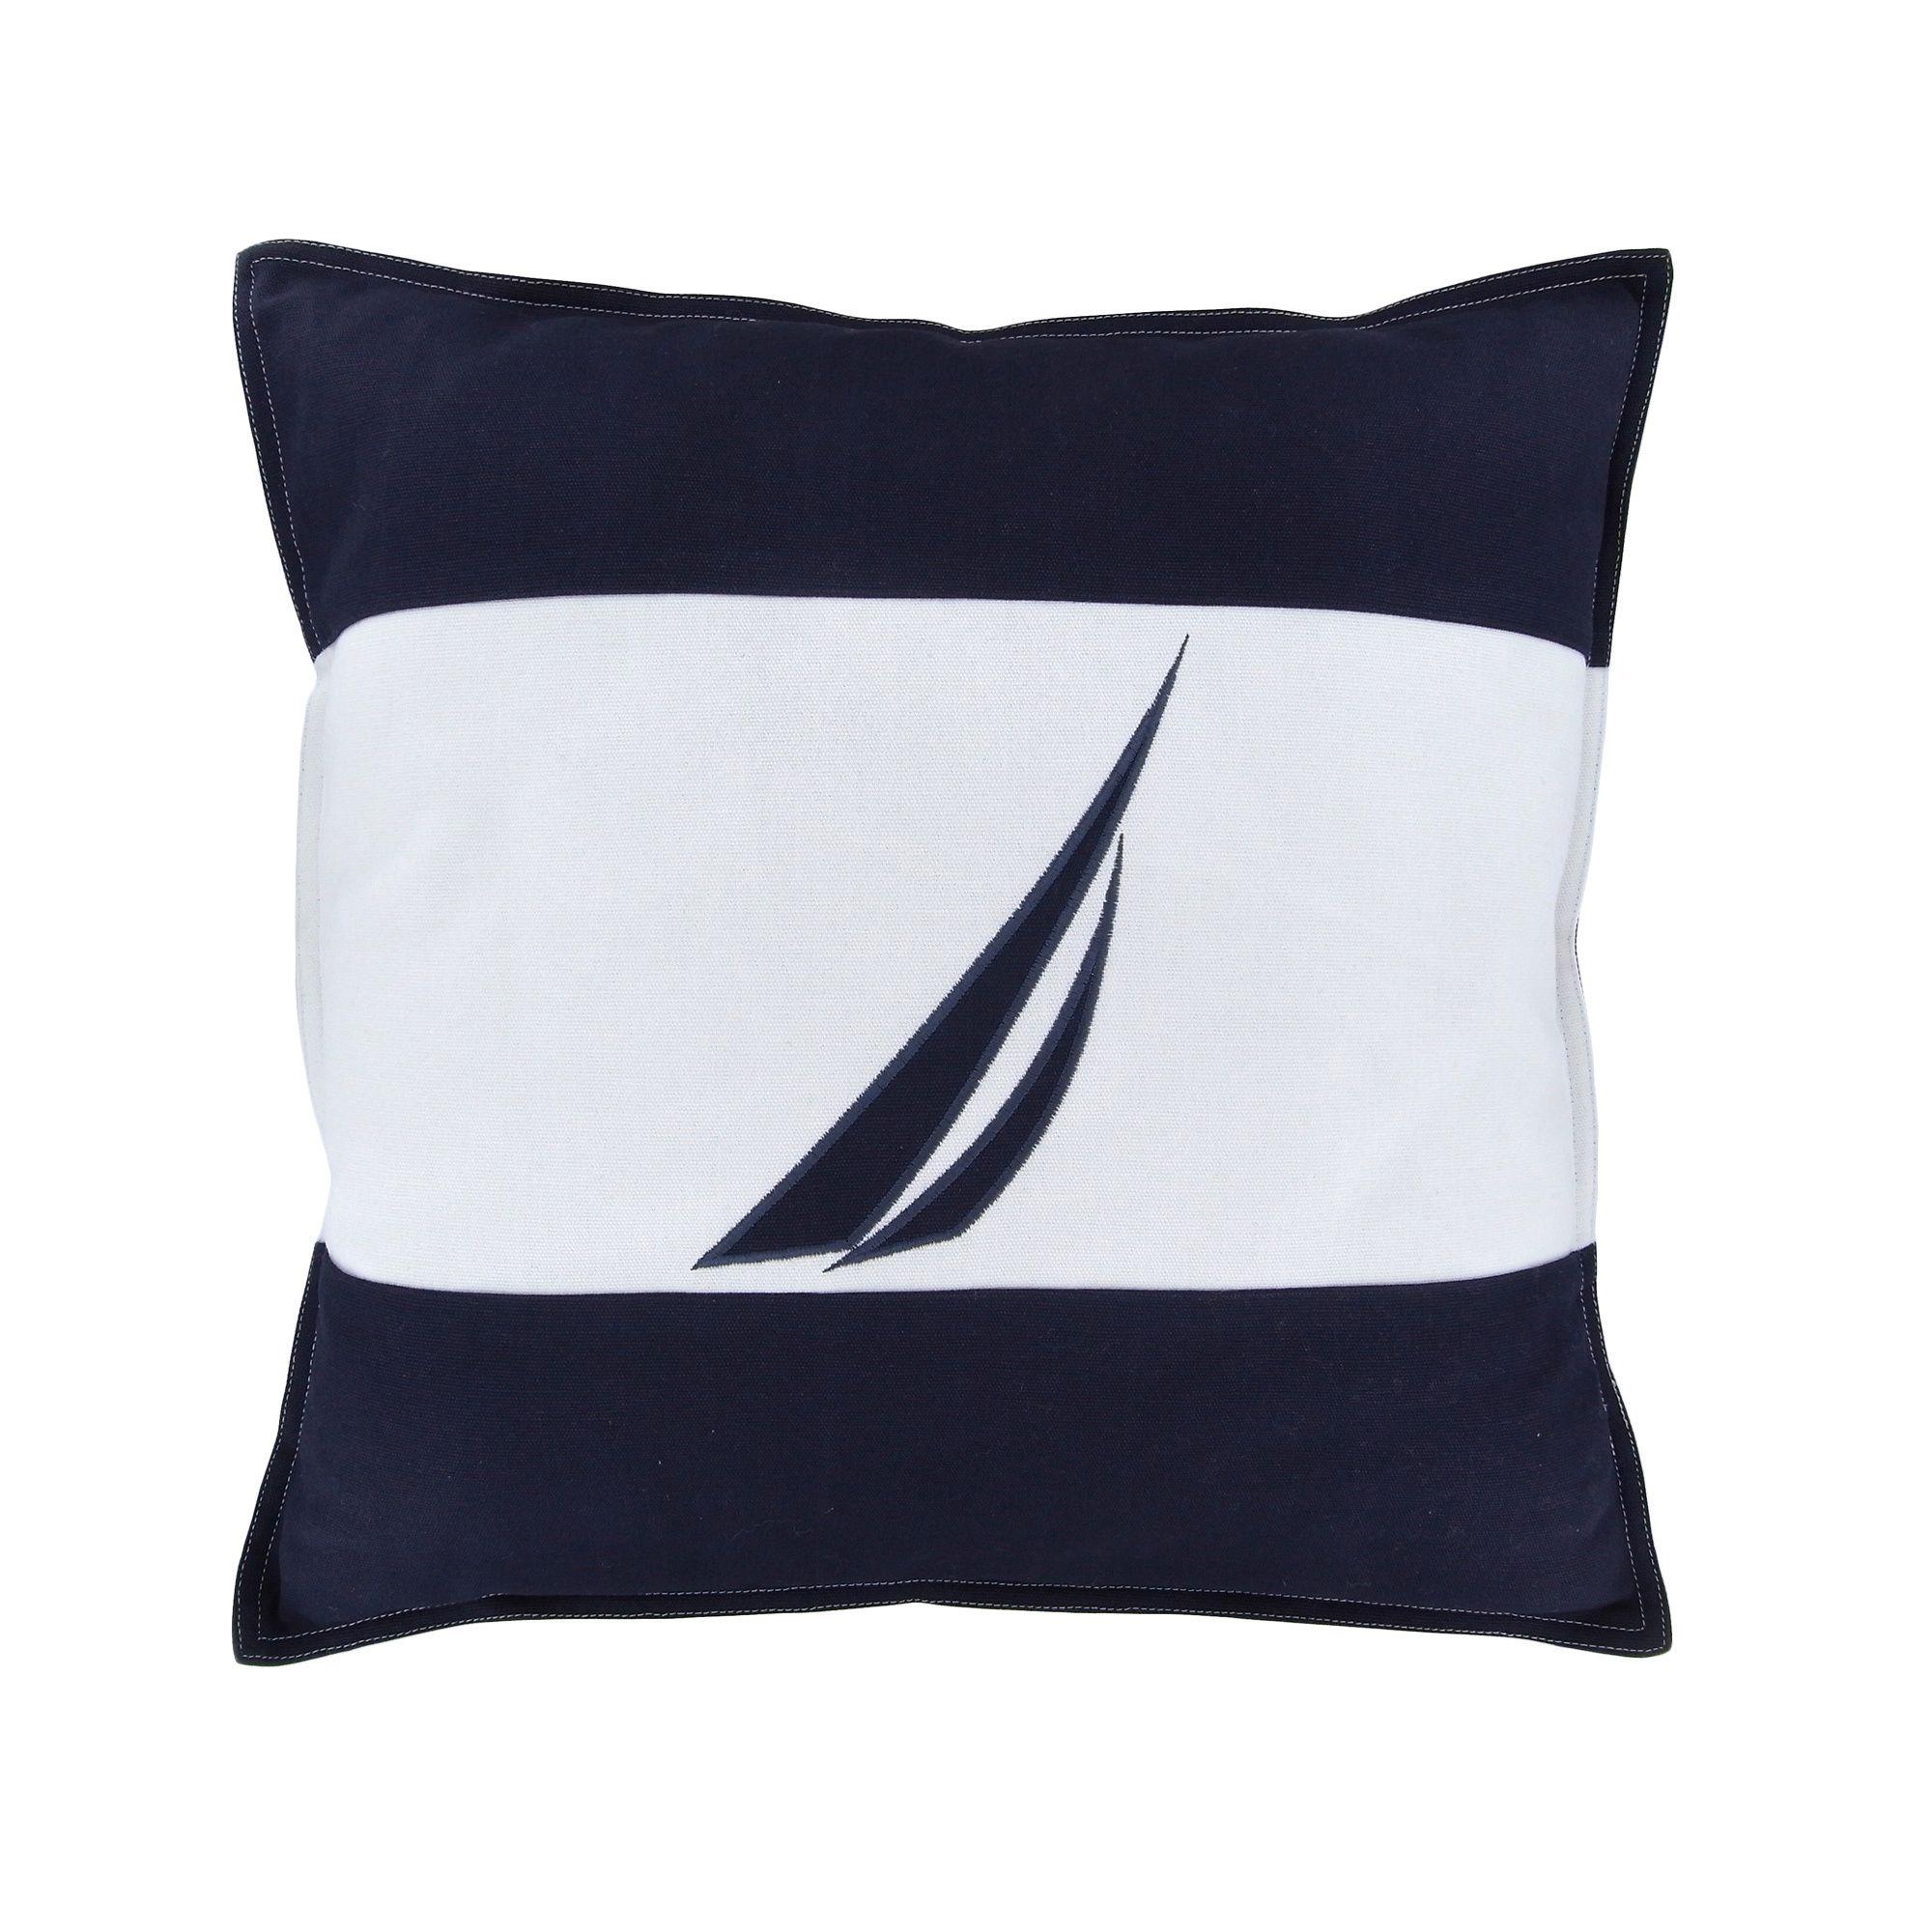 2000x2000 Nautica Mainsail Spinnaker Navy Decorative Pillow (18x18), Blue